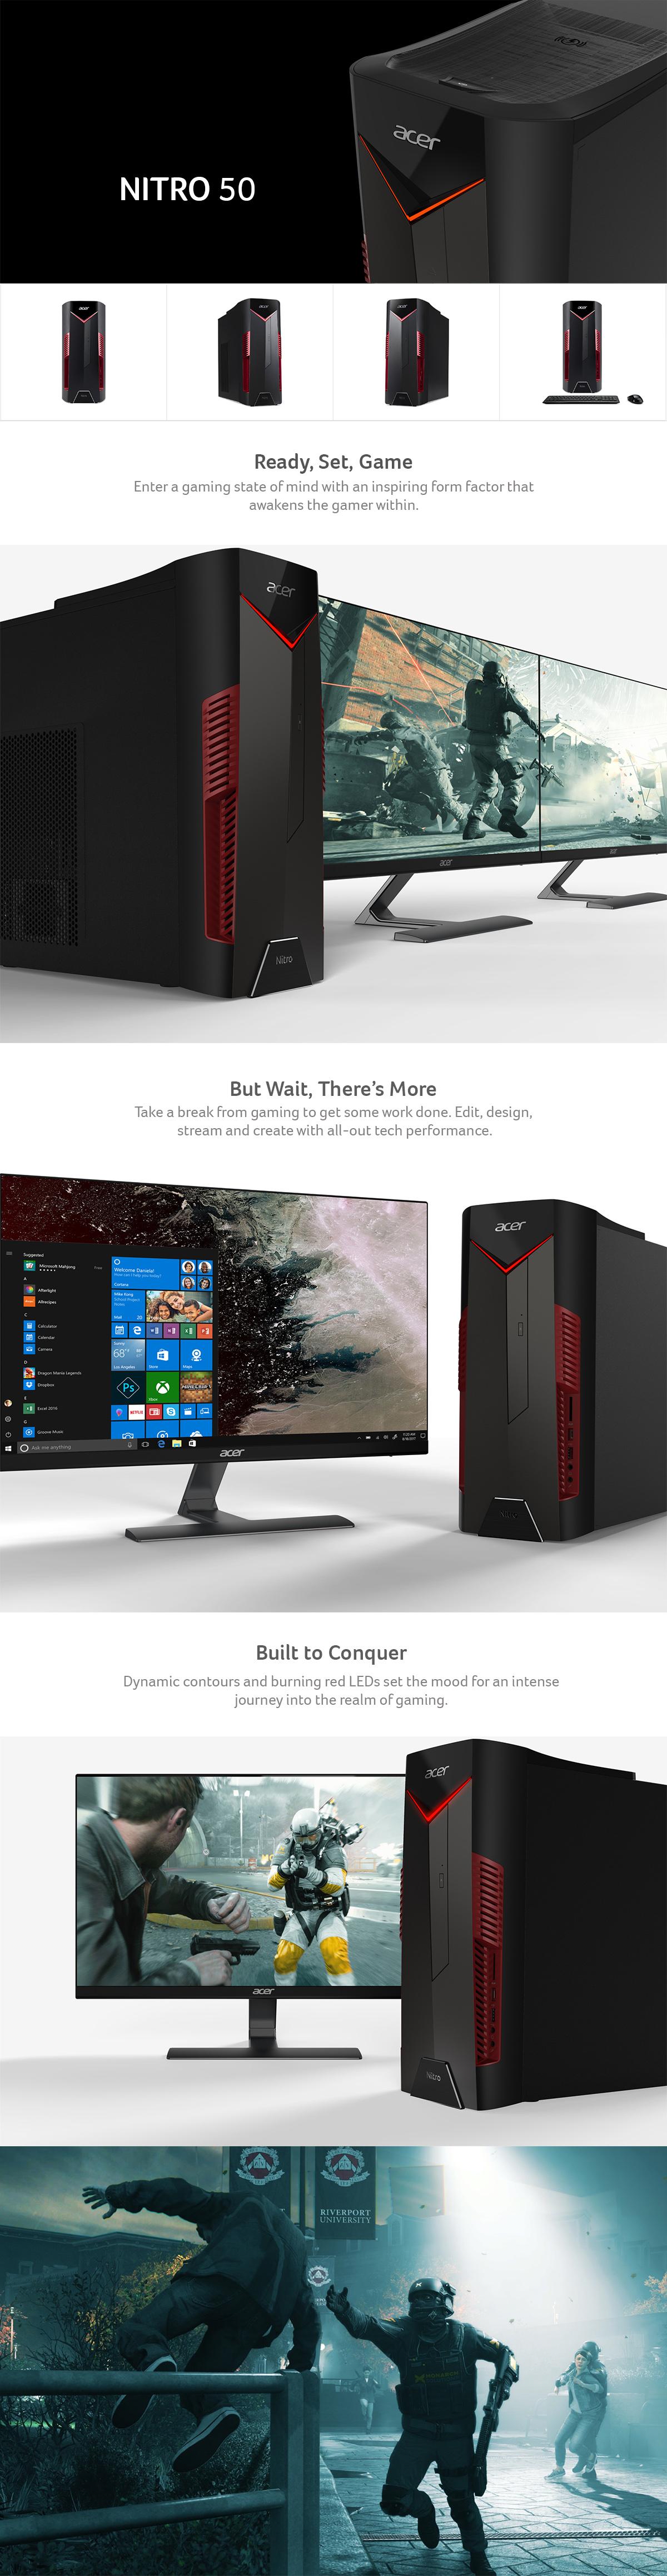 Acer Nitro 50 - Desktop Intel i7-8700 3 20GHz - NVIDIA GeForce GTX 1060 6GB  - 8GB Ram 1TB HDD Windows 10 Home | N50-600-UR14